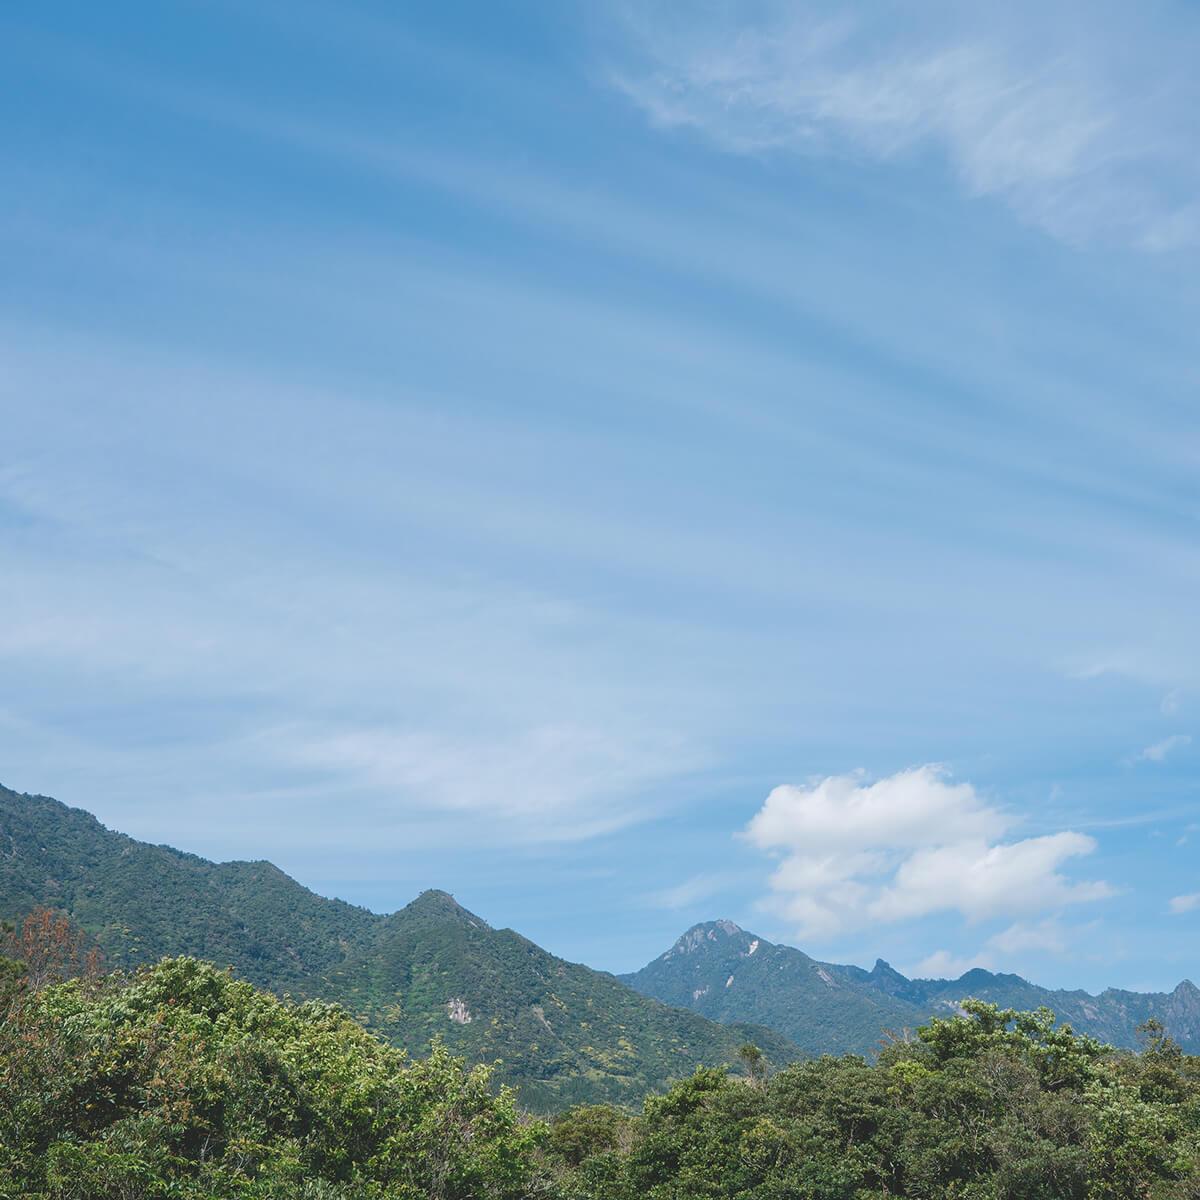 ジュエリーのアトリエから望む屋久島の山々 屋久島山とジュエリー オーダーメイドマリッジリングのモチーフ